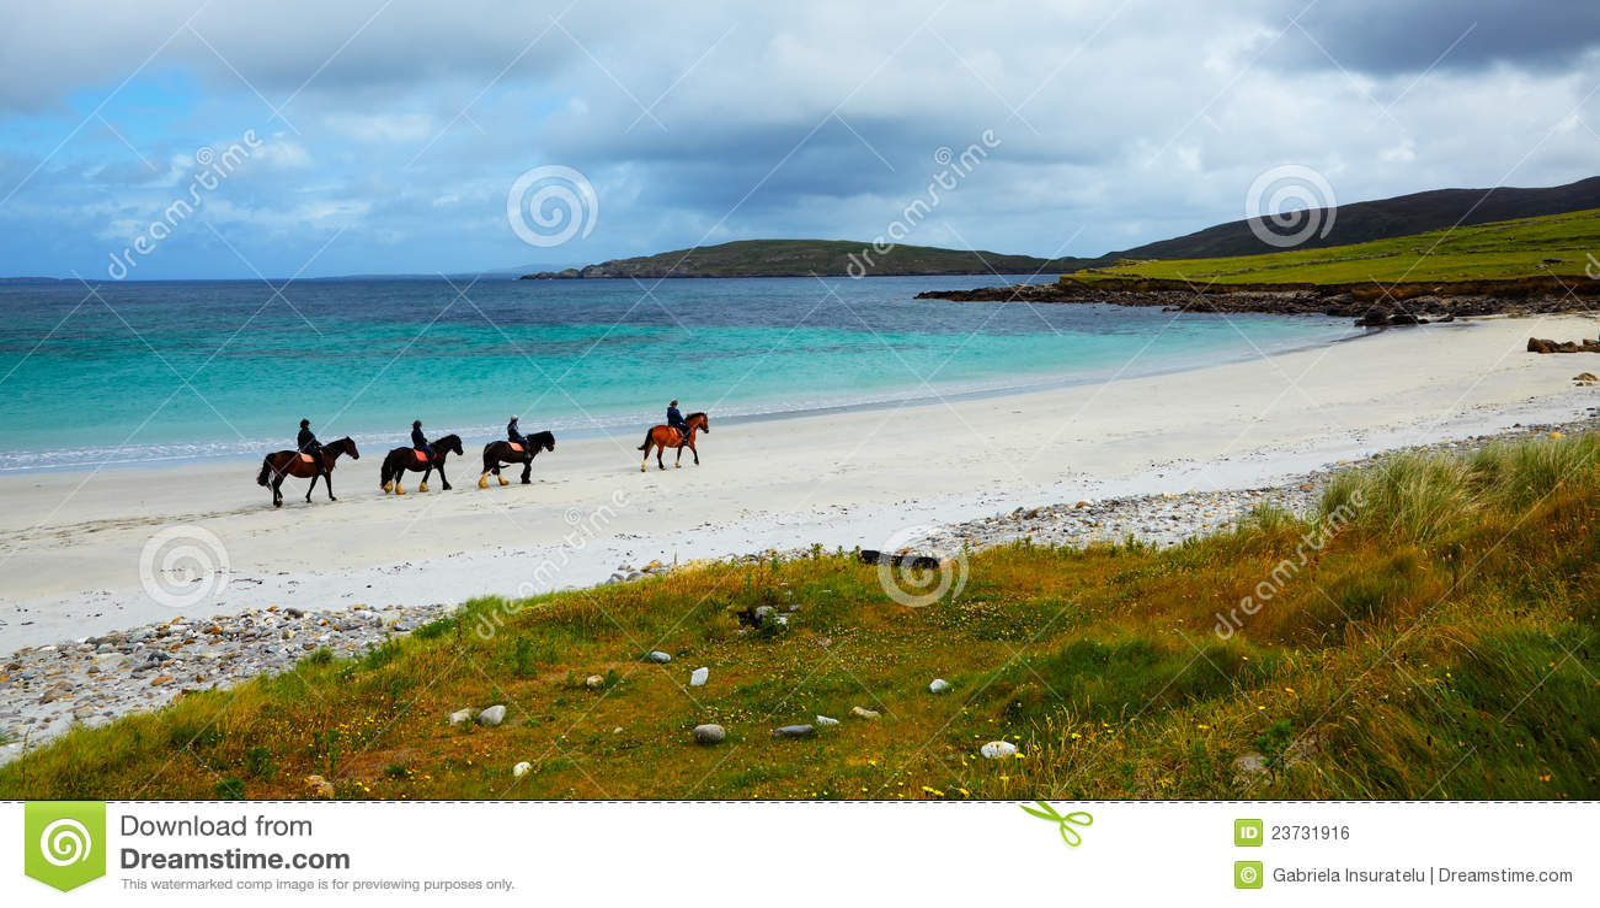 Paard en ruiters op het strand